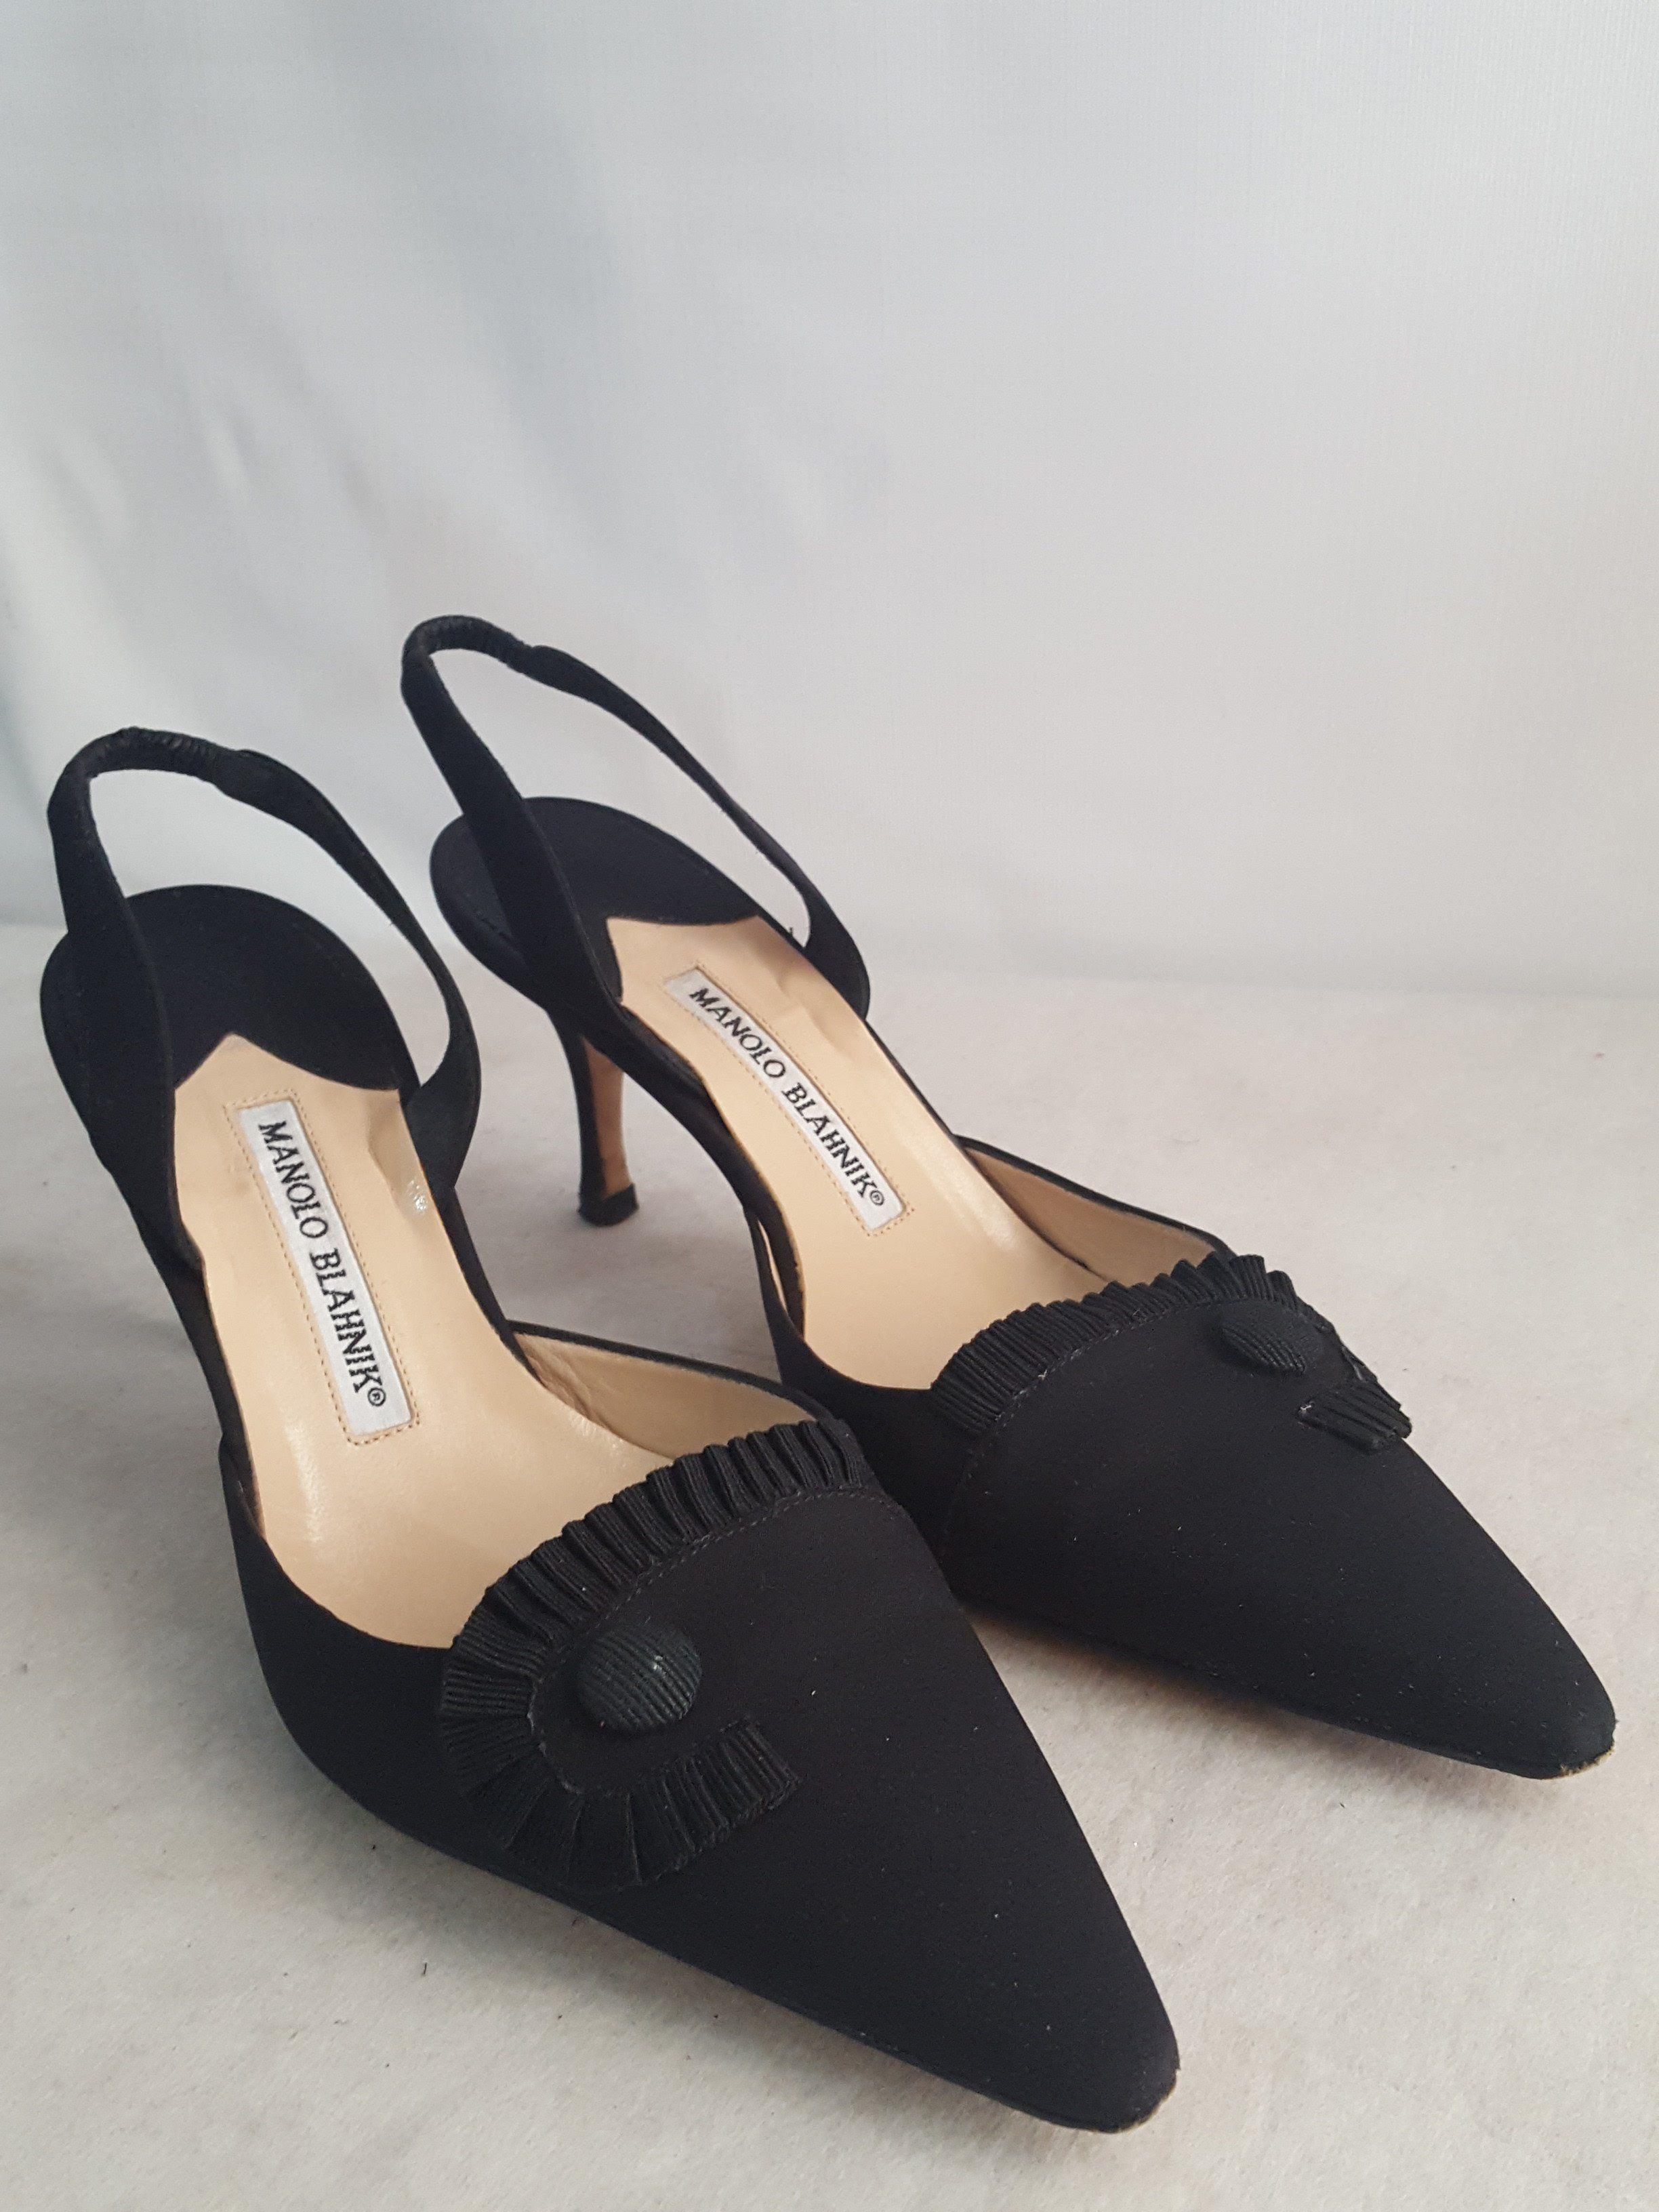 Clogs Shoes Dolce Vita Manolo Blahnik Heels Heels Jimmy Choo Heels